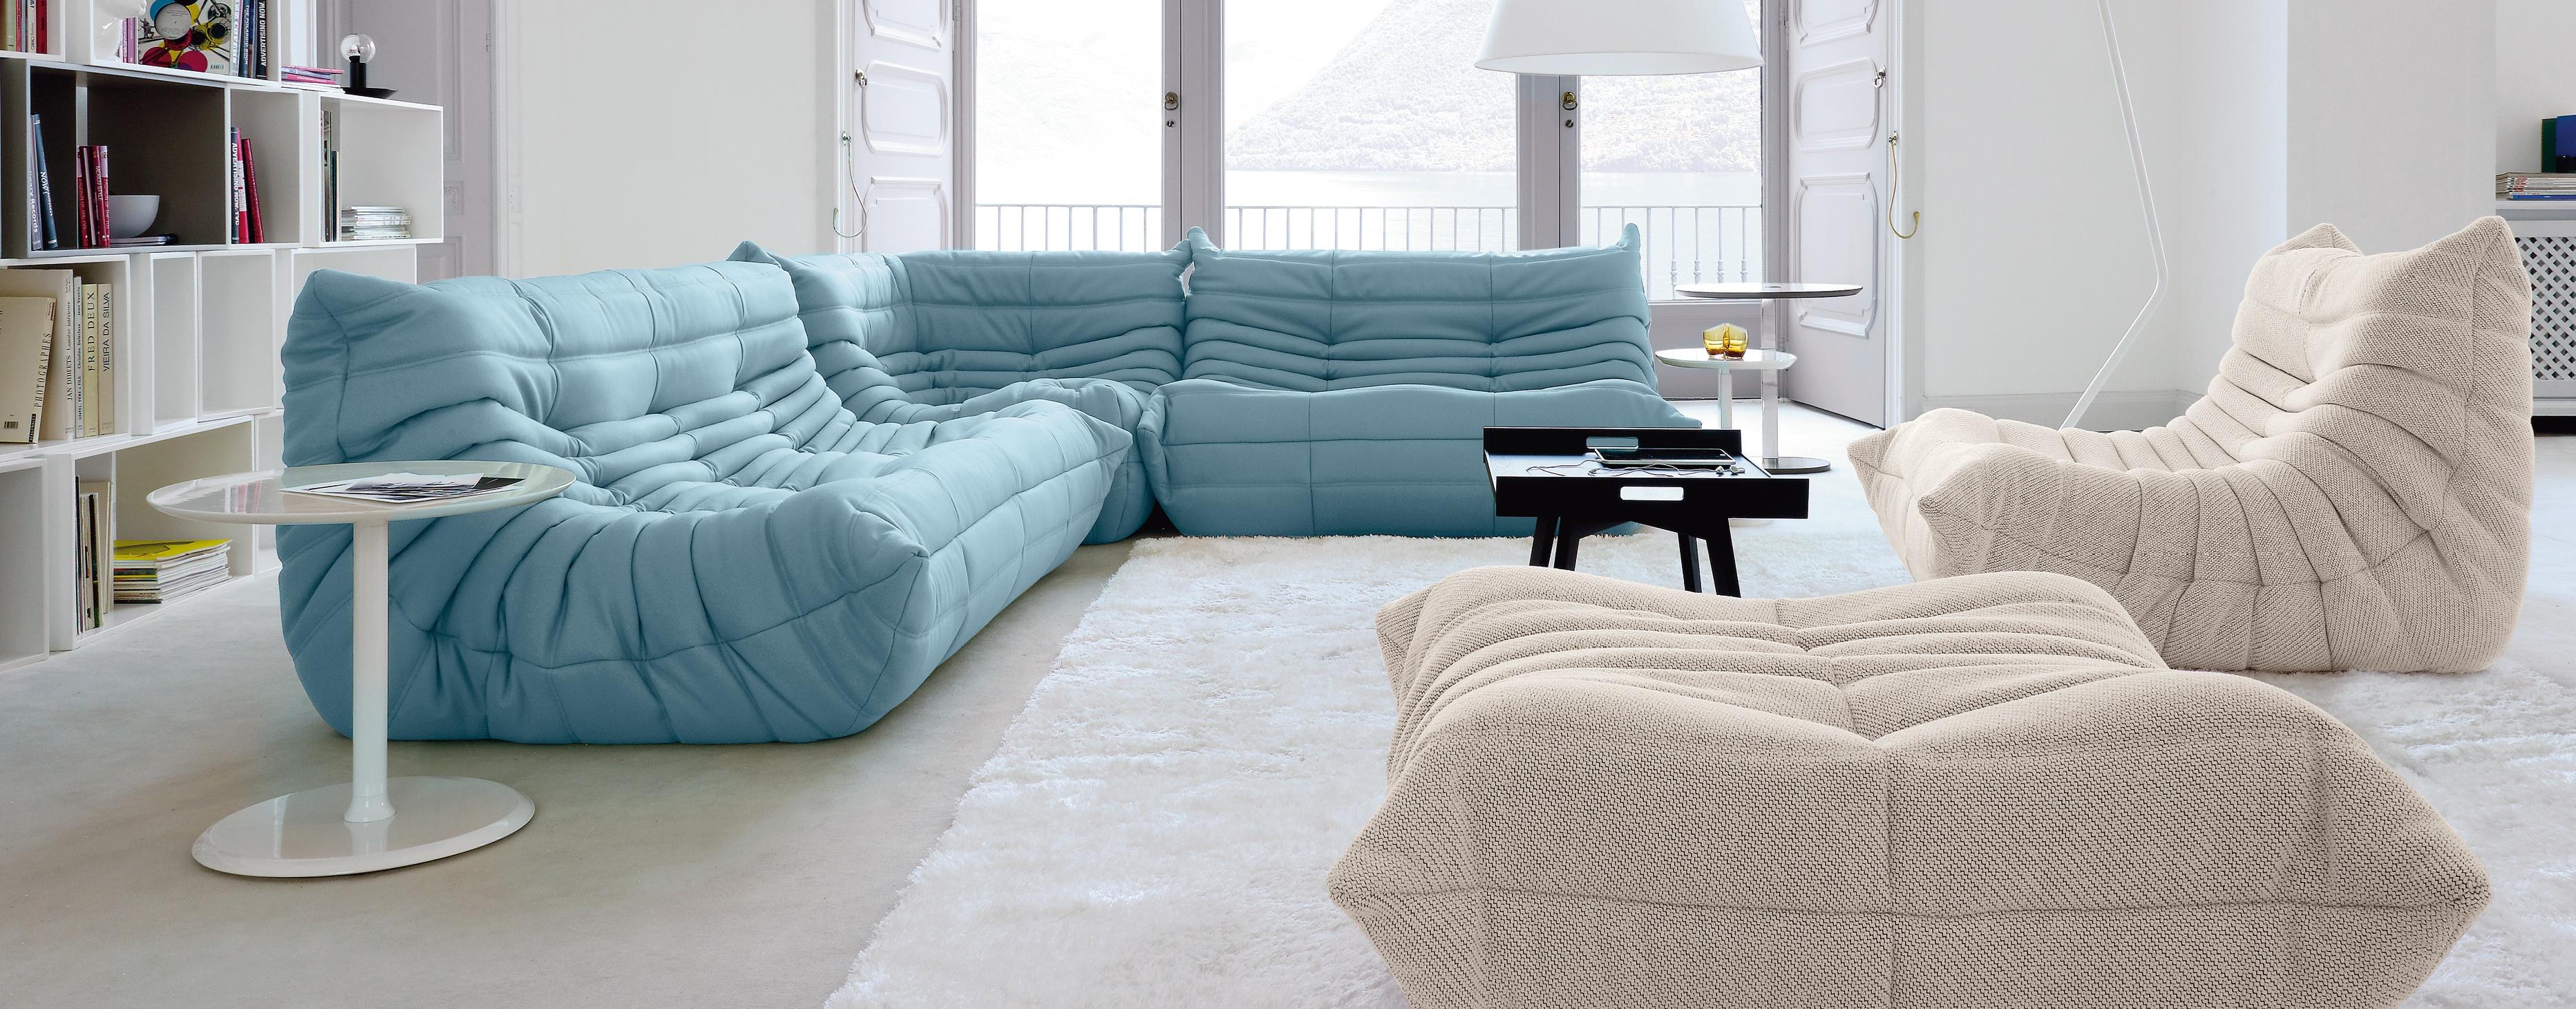 Ligne roset official site contemporary high end furniture - Canape cuir haut de gamme ligne roset ...